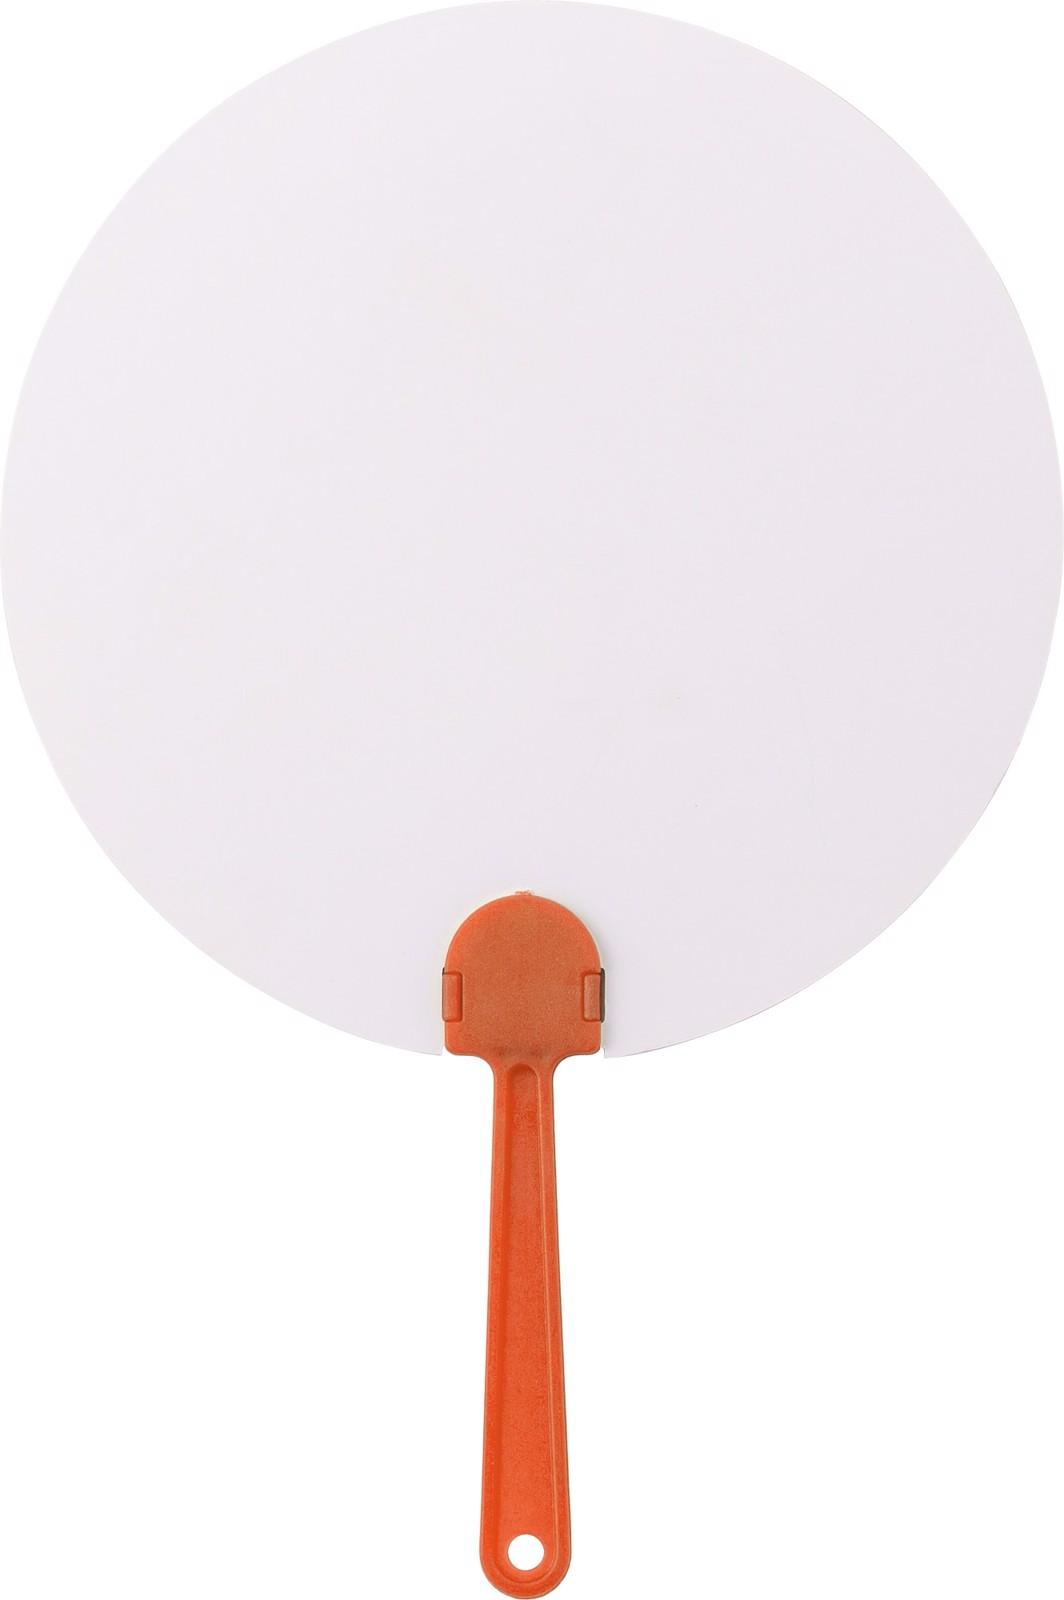 Paper hand fan - Orange